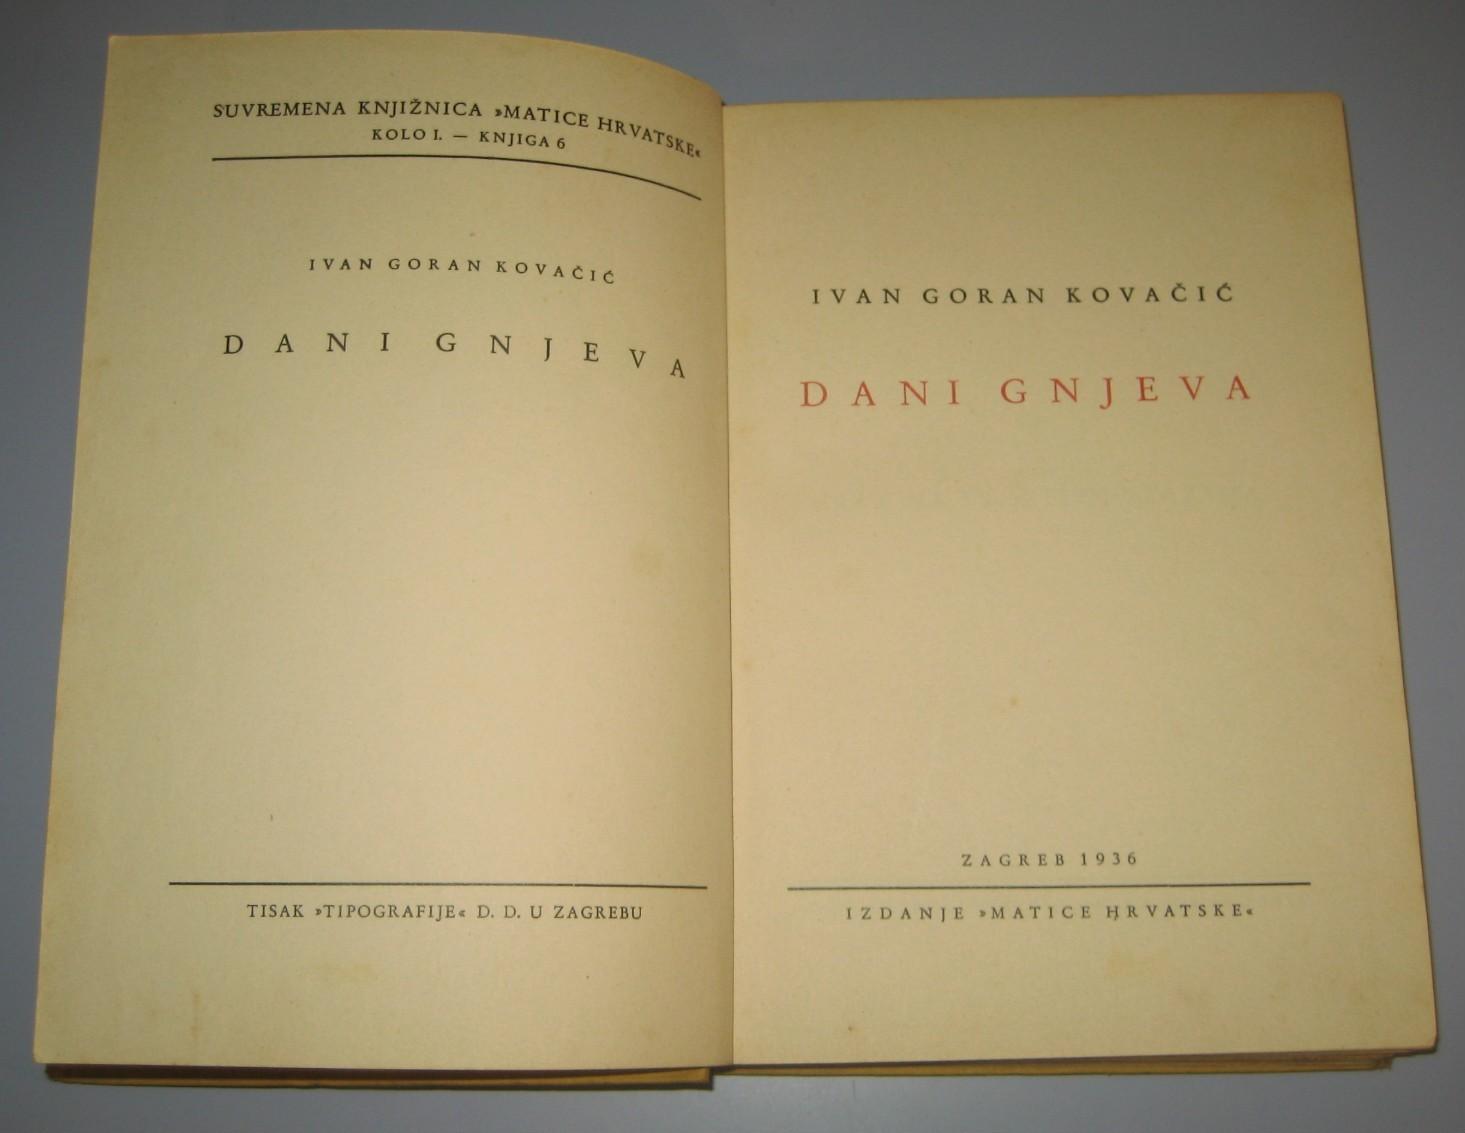 Dani Gnjeva Ivan Goran Kovacic Prvo Izdanje 1936 Kupindo Com